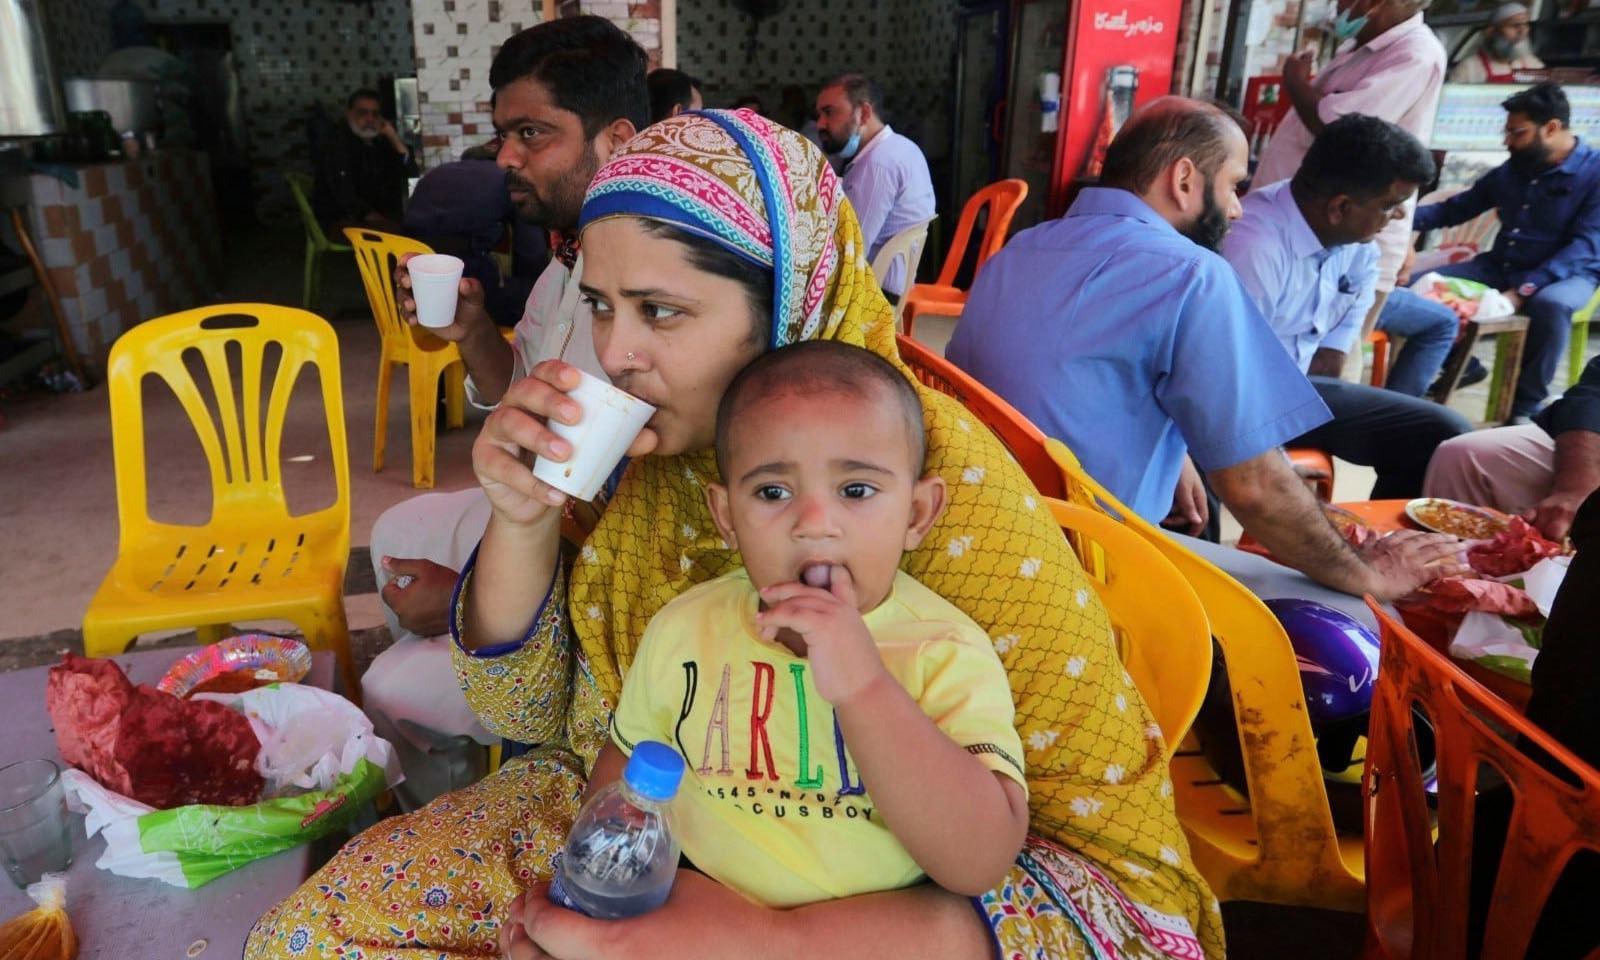 کورونا وائرس پاکستان میں بھی 2 لاکھ 85 ہزار 16 لوگوں کو متاثر کرچکا ہے— فوٹو: اے پی